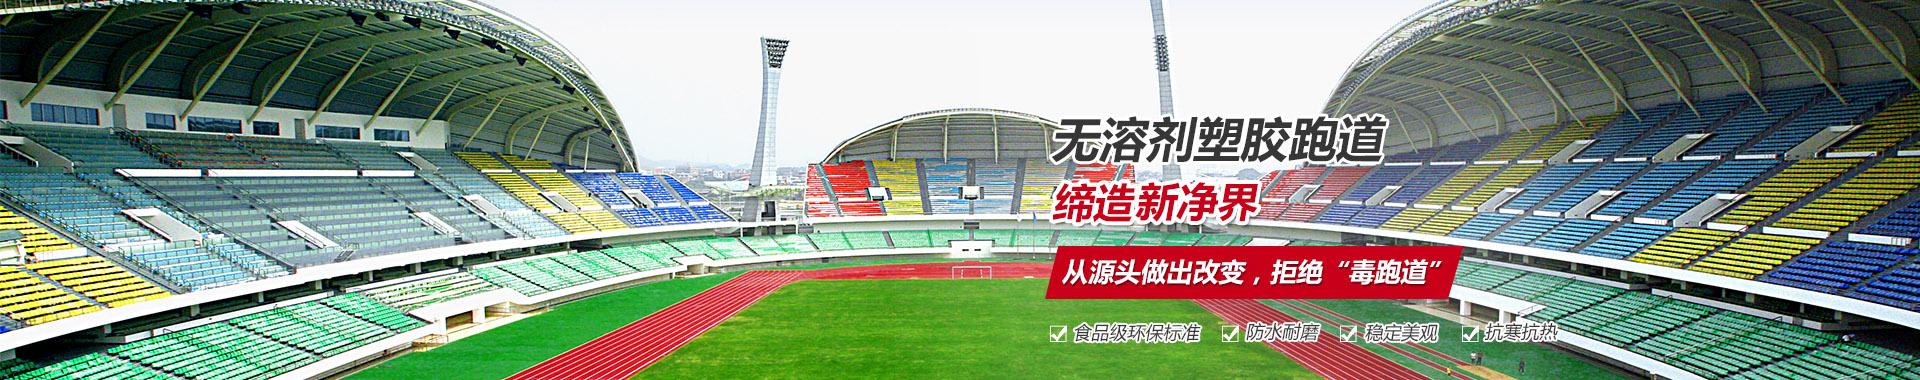 重庆塑胶运动场施工